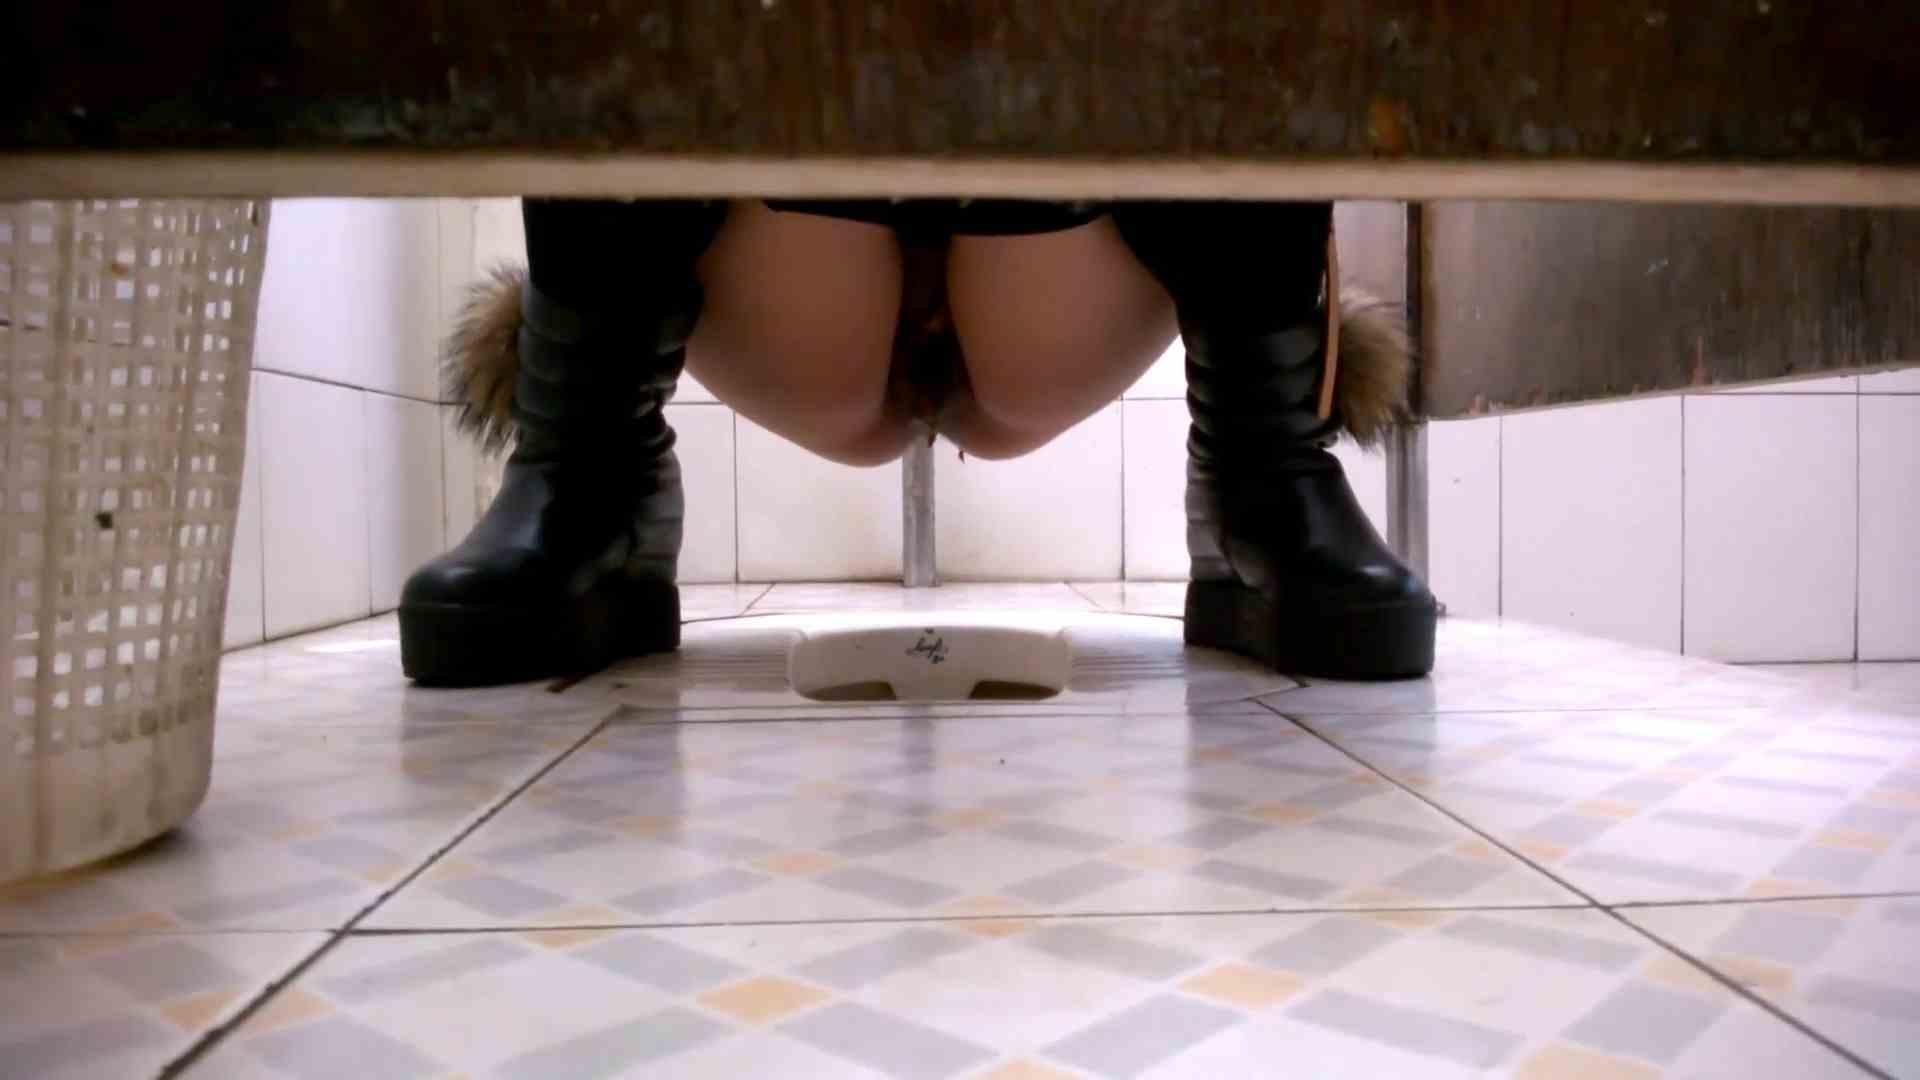 JD盗撮 美女の洗面所の秘密 Vol.34 盗撮エロすぎ | 洗面所着替え  36連発 17